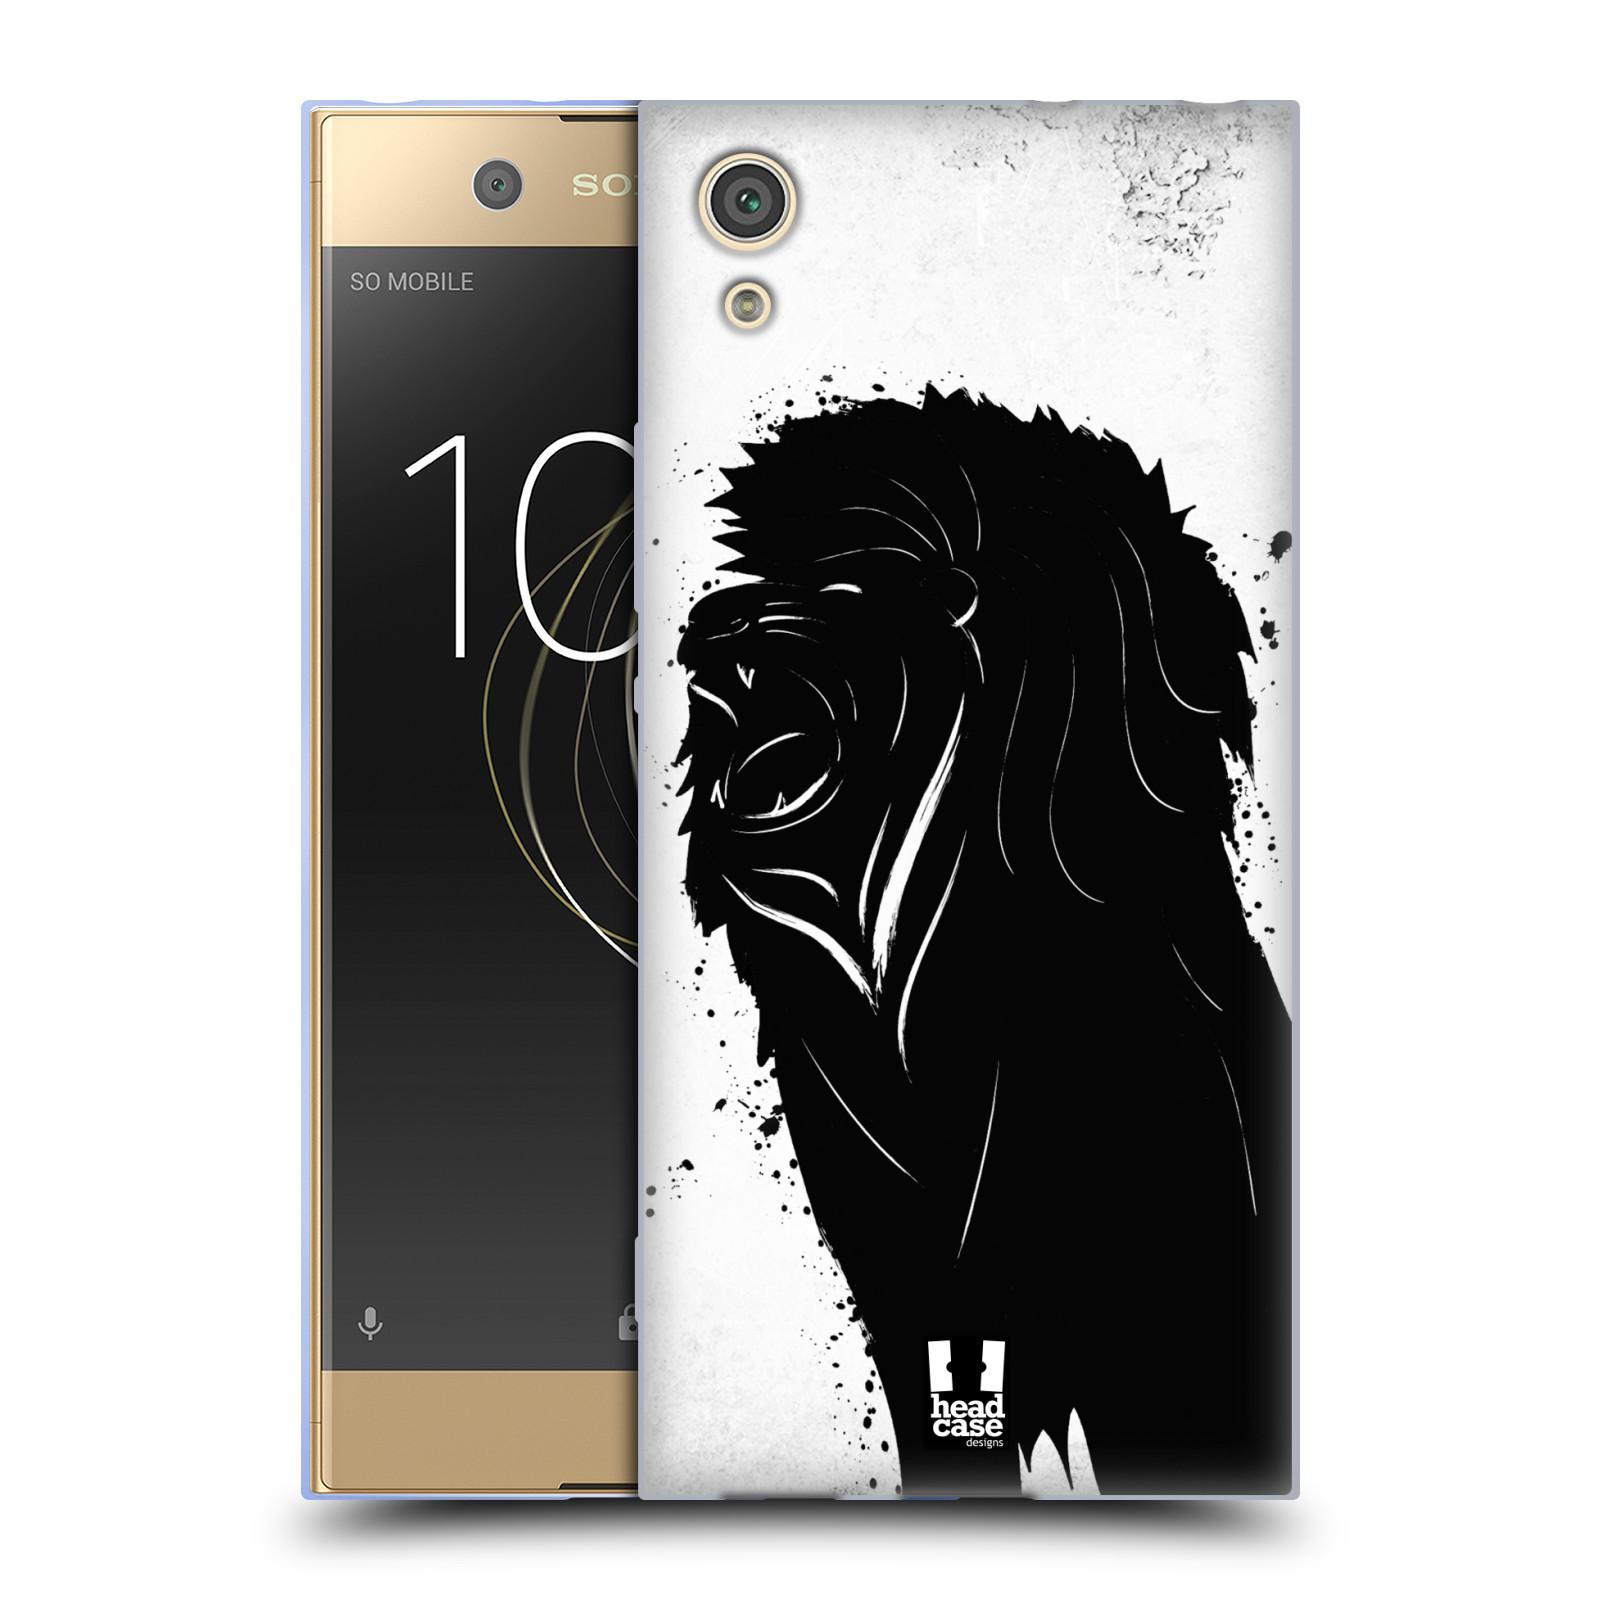 HEAD CASE silikonový obal na mobil Sony Xperia XA1 / XA1 DUAL SIM vzor Kresba tuš zvíře lev